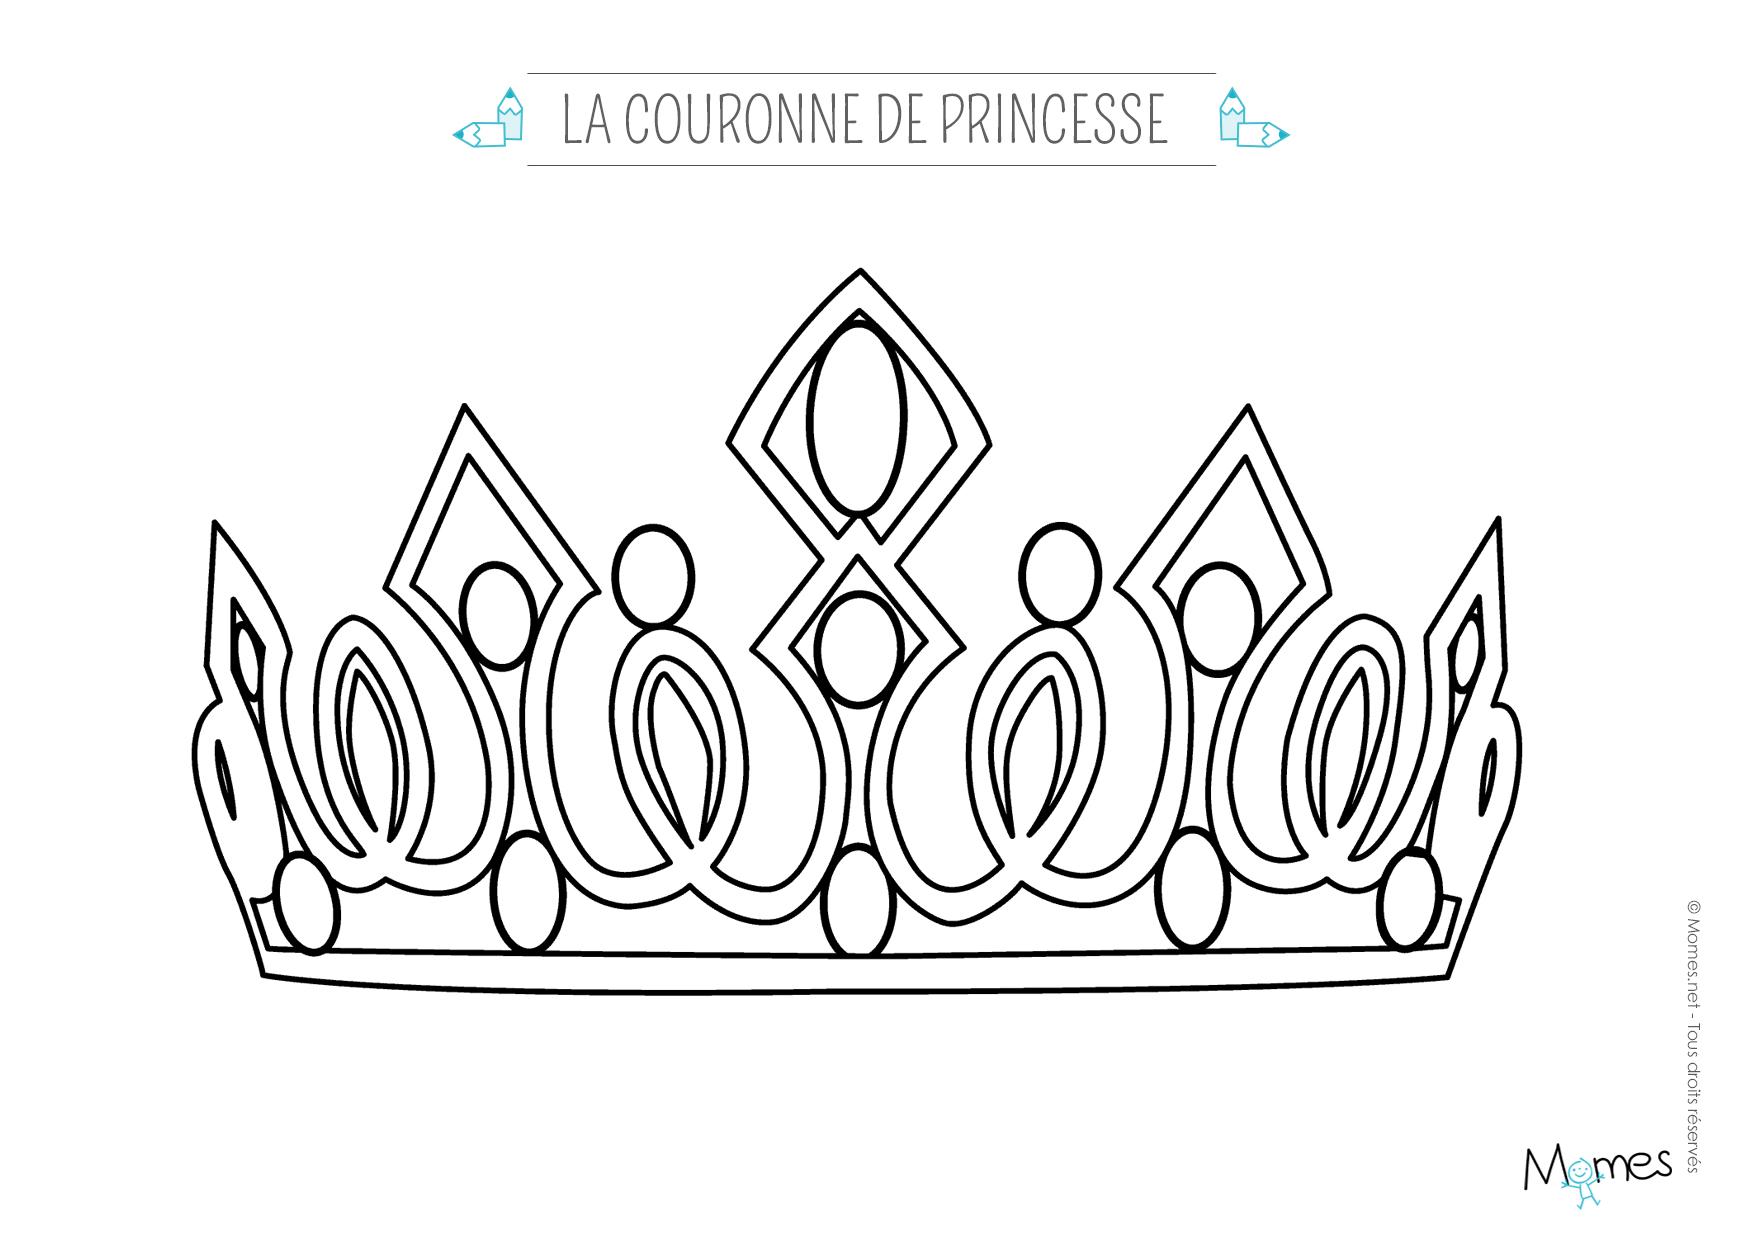 Exceptionnel Coloriage une couronne de princesse - Momes.net XR15